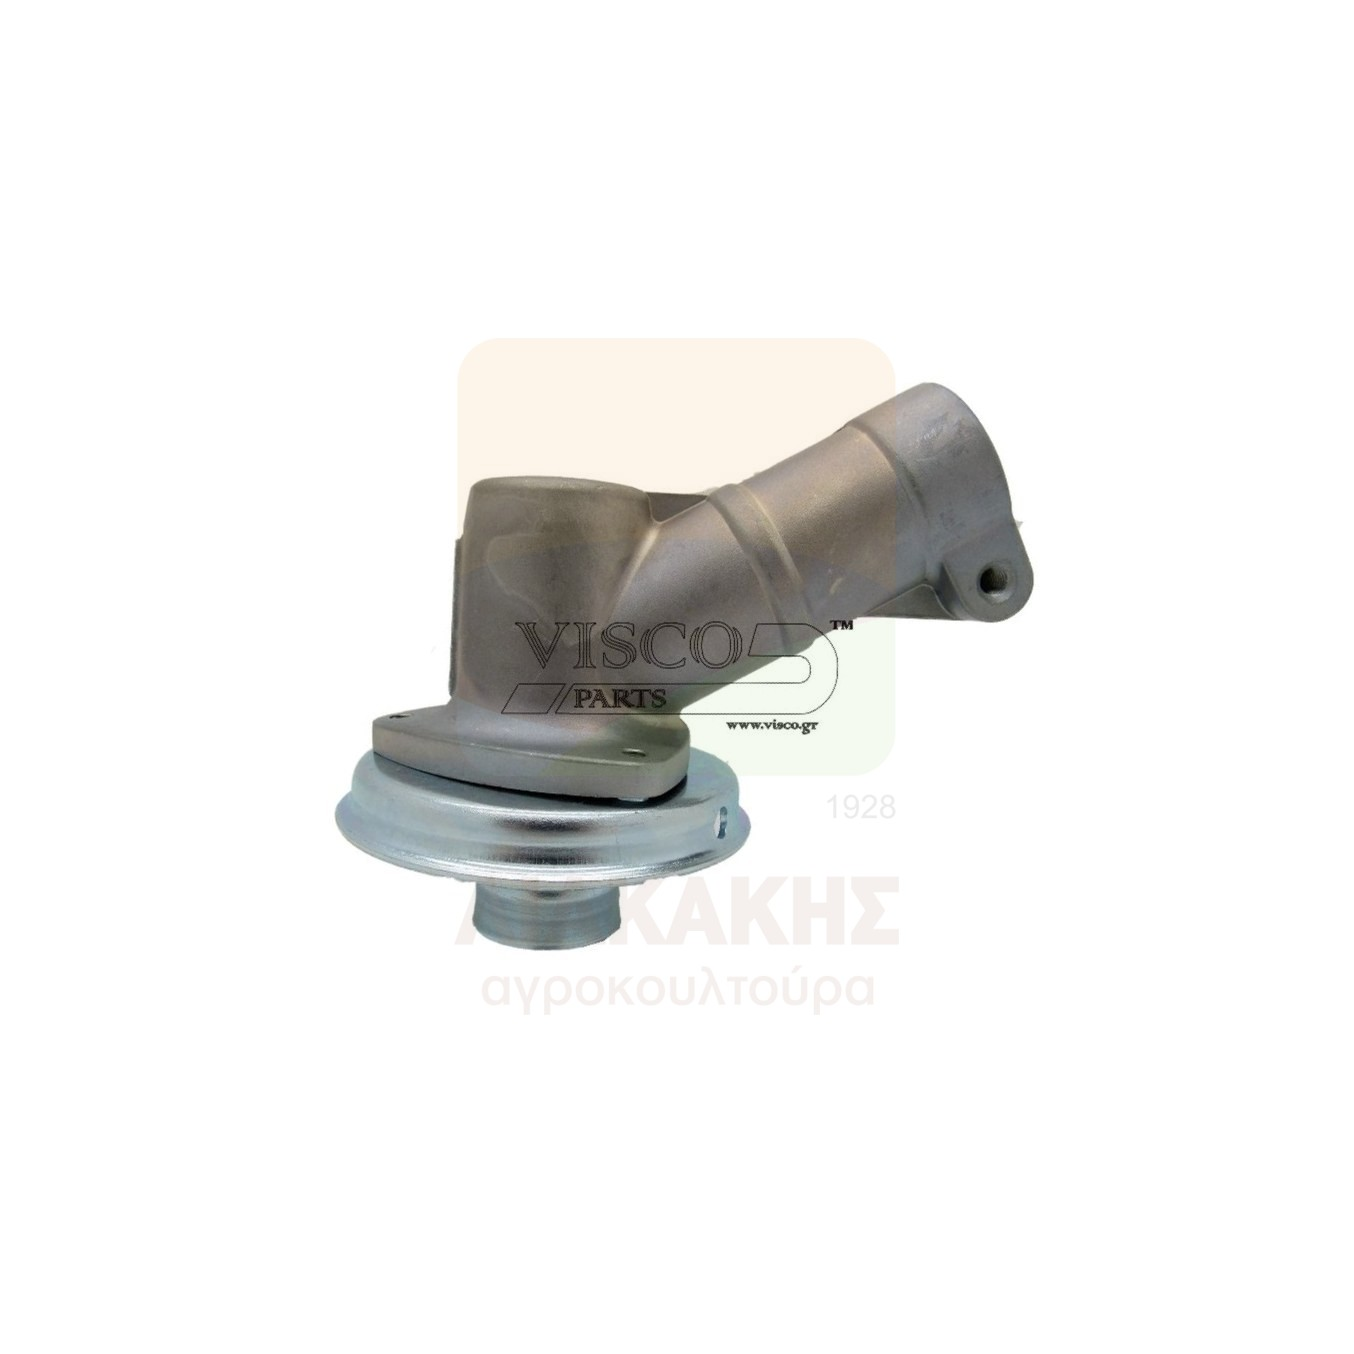 ΓΚΙ-008 Γωνιακή Κίνηση Καλάμι 28mm-9 Δόντια